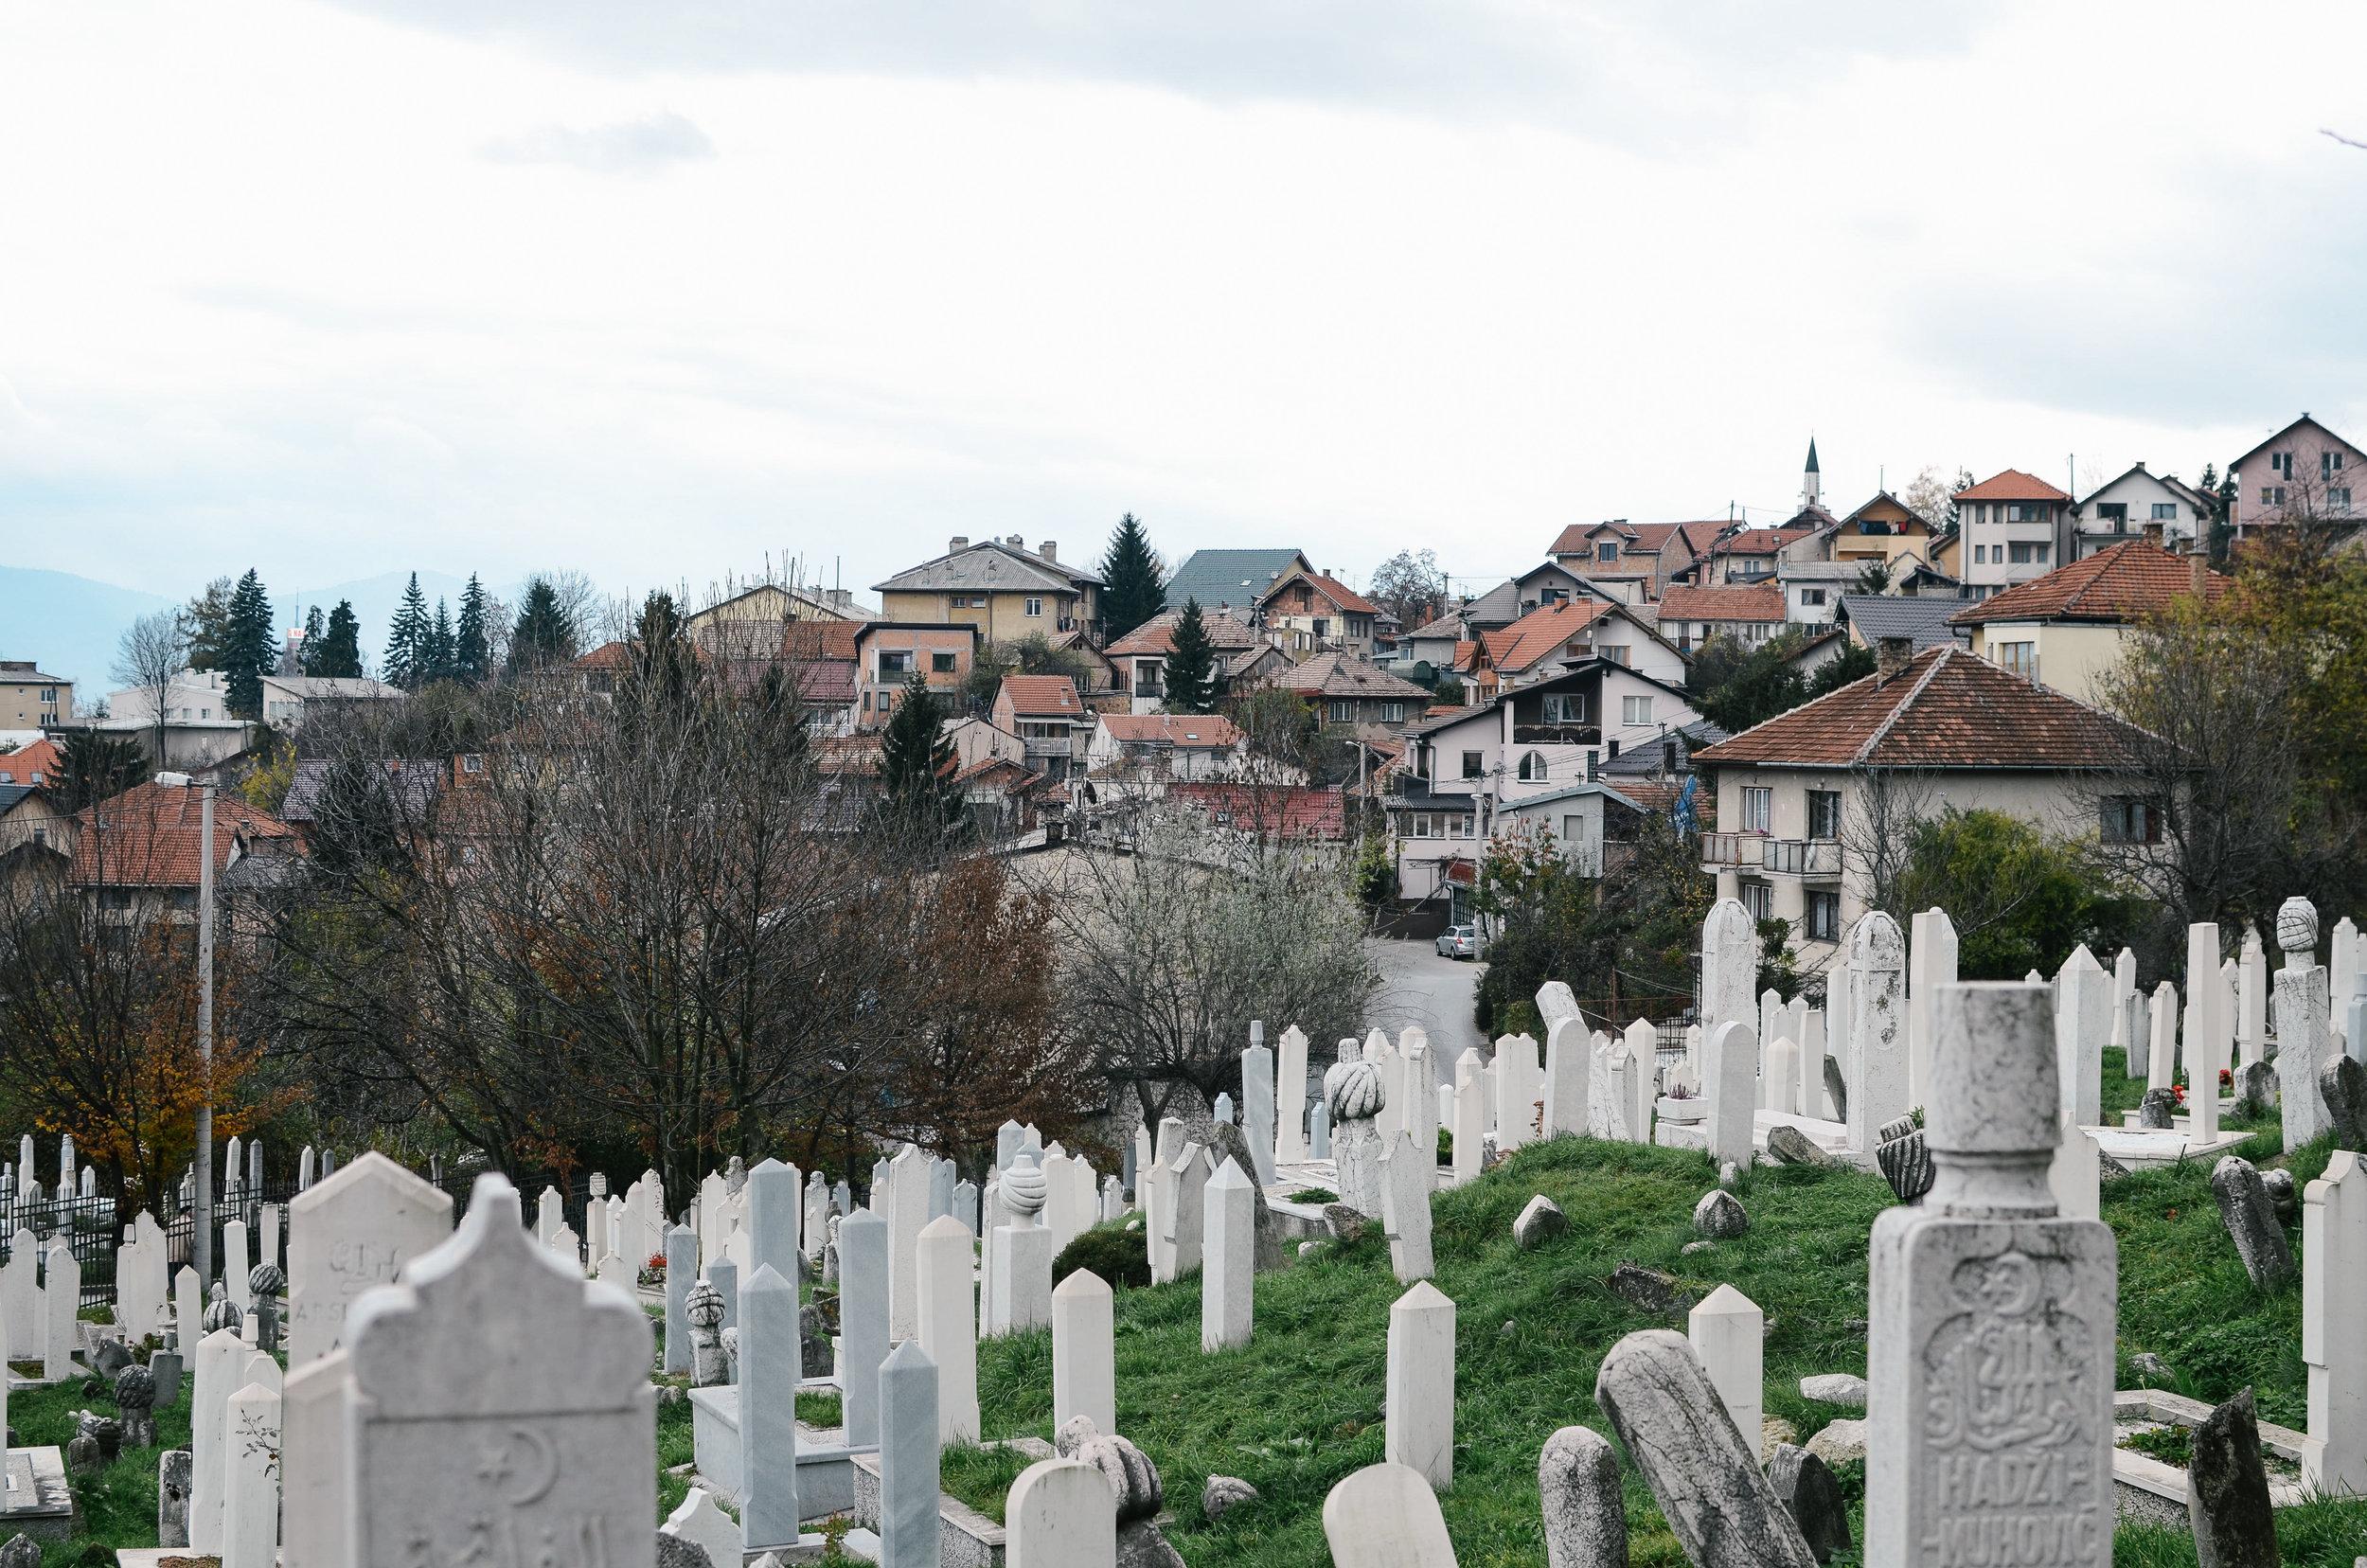 bosnia-travel-sarajevo-guide-lifeonpine_DSC_2866.jpg